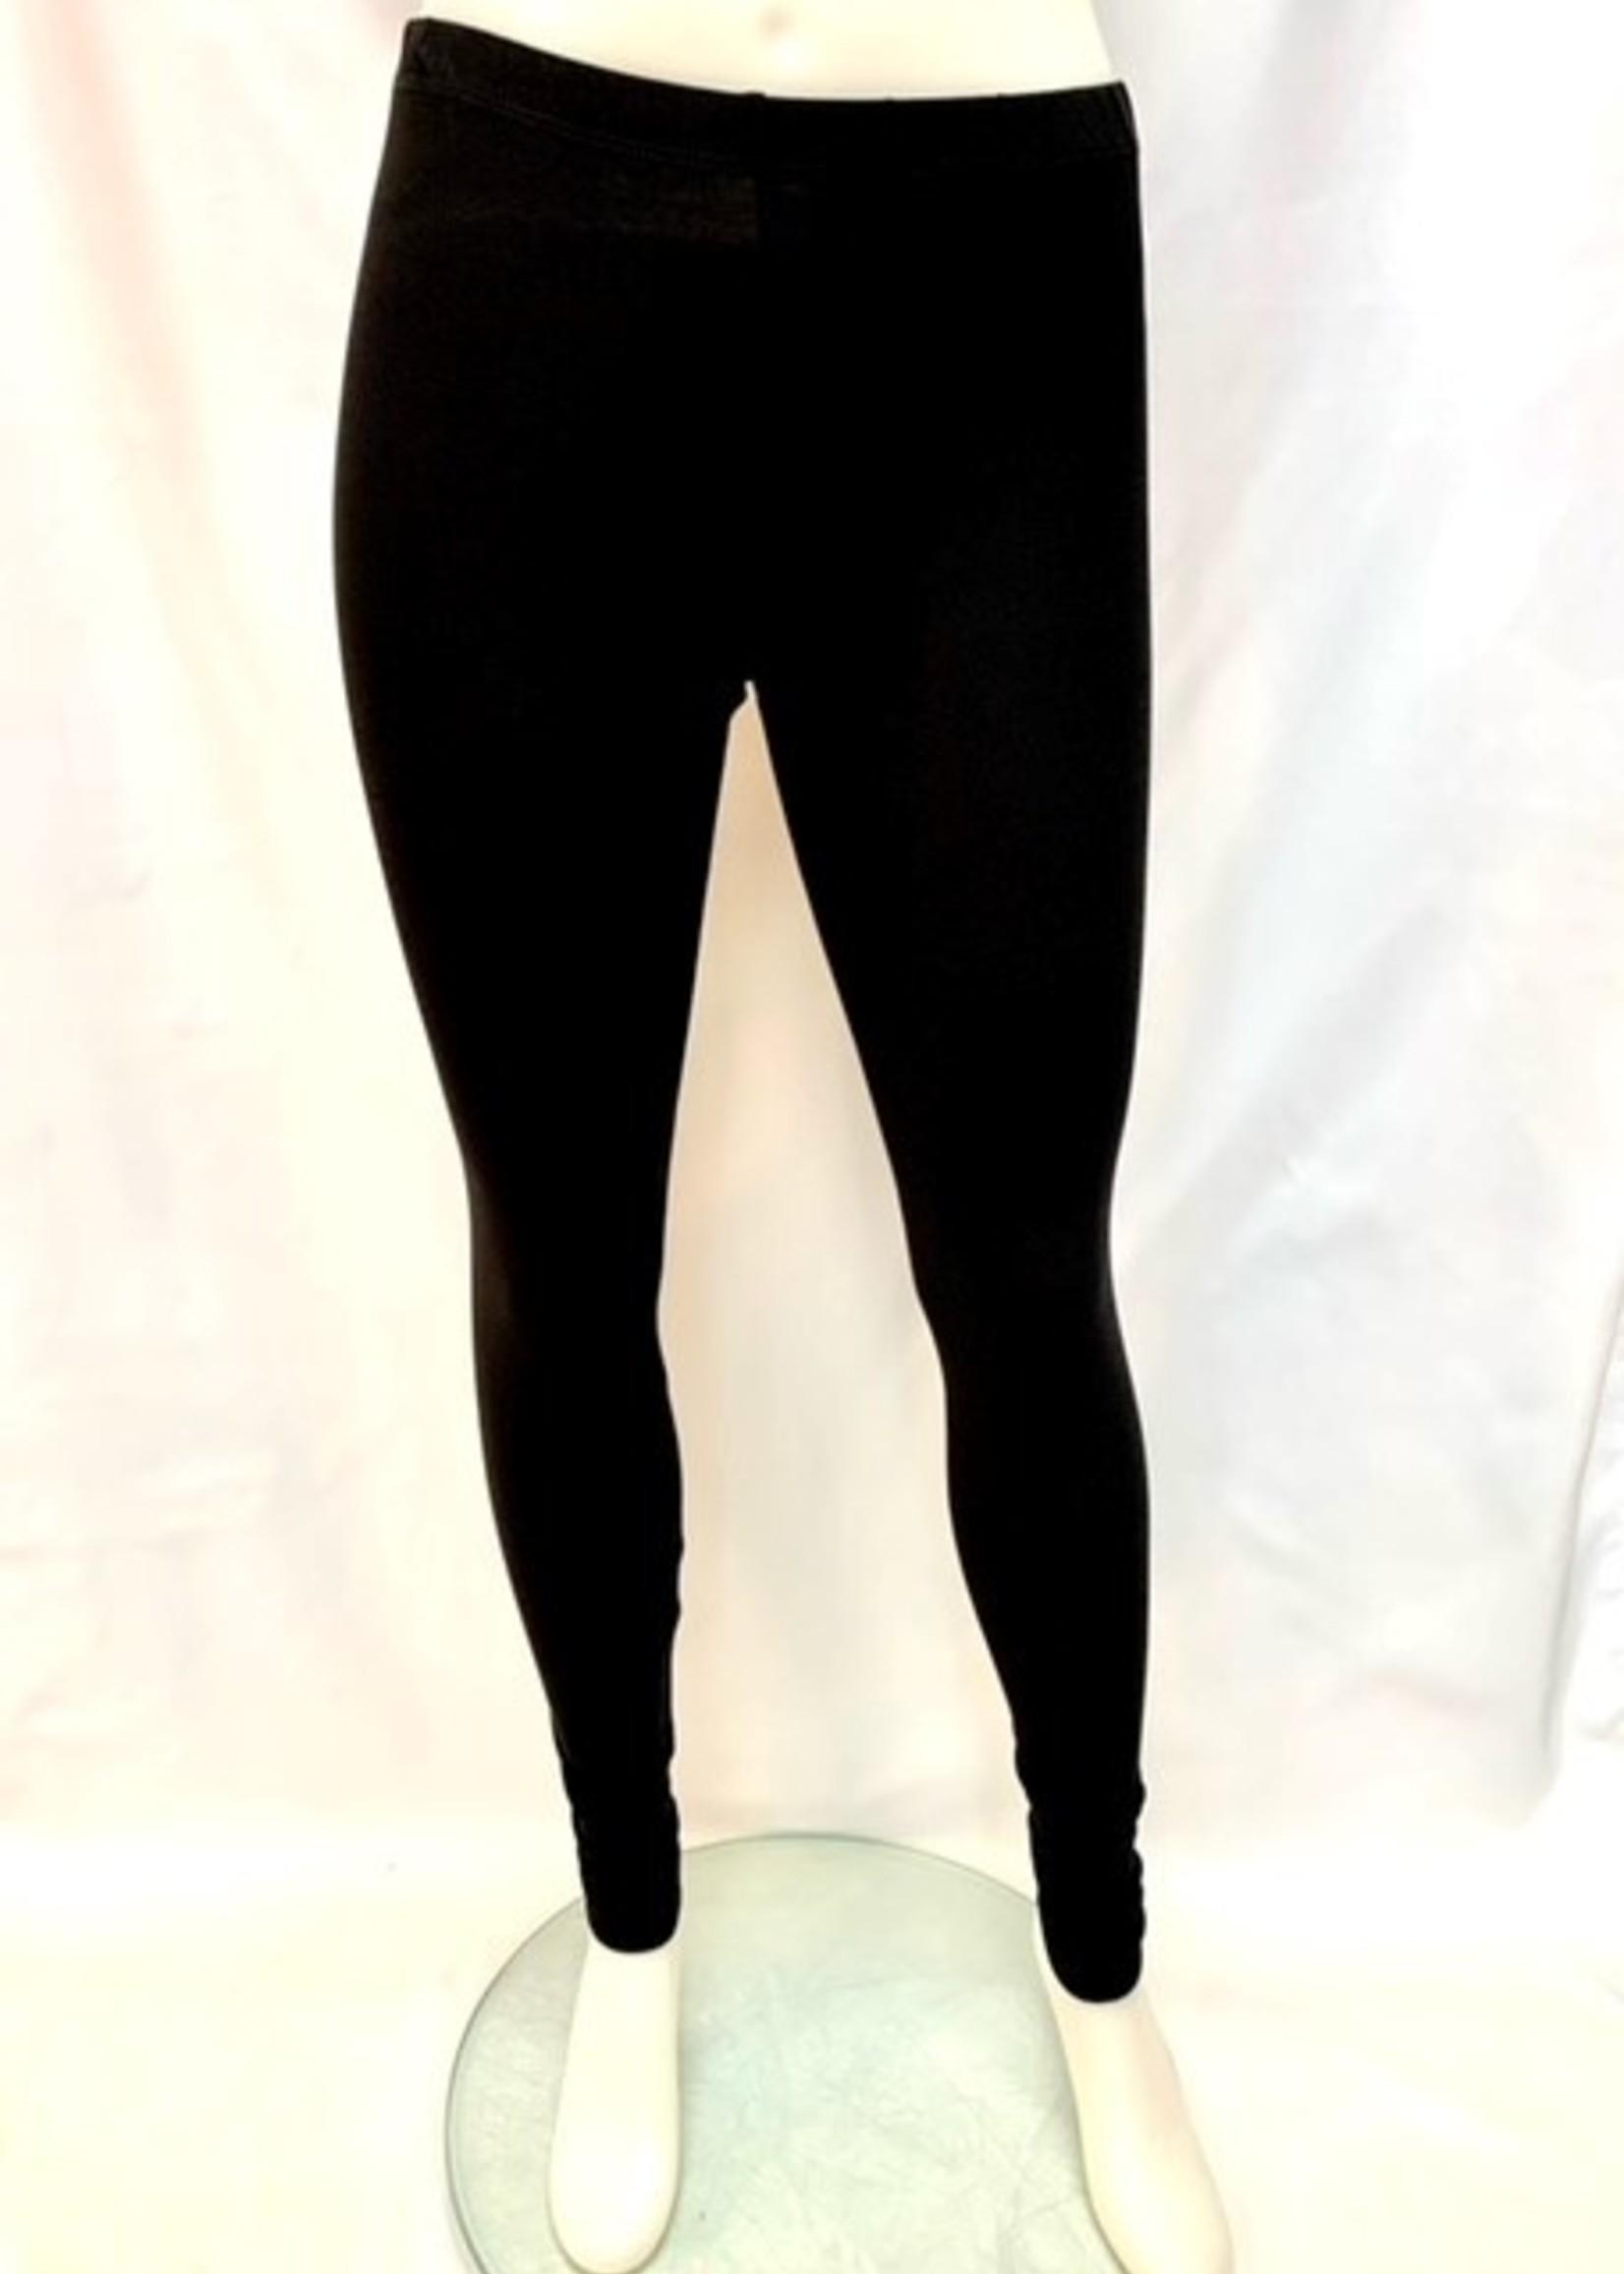 Artex dress pant/ leggings